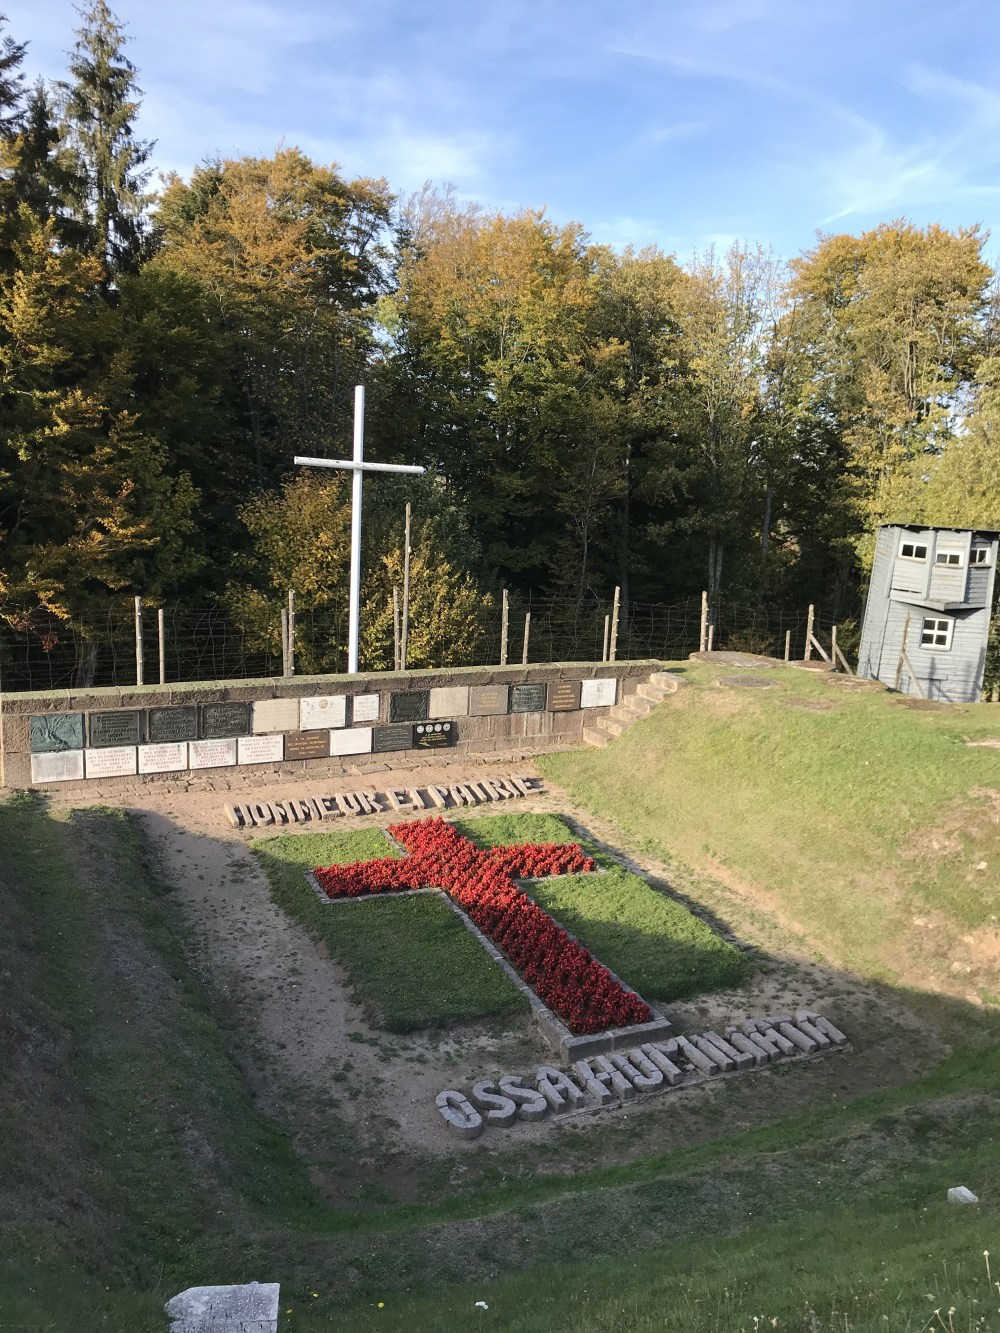 O memorial de Struthof dedicado aos deportados de diversas origens como russos, franceses, poloneses, além de homossexuais presos ou assassinados ali